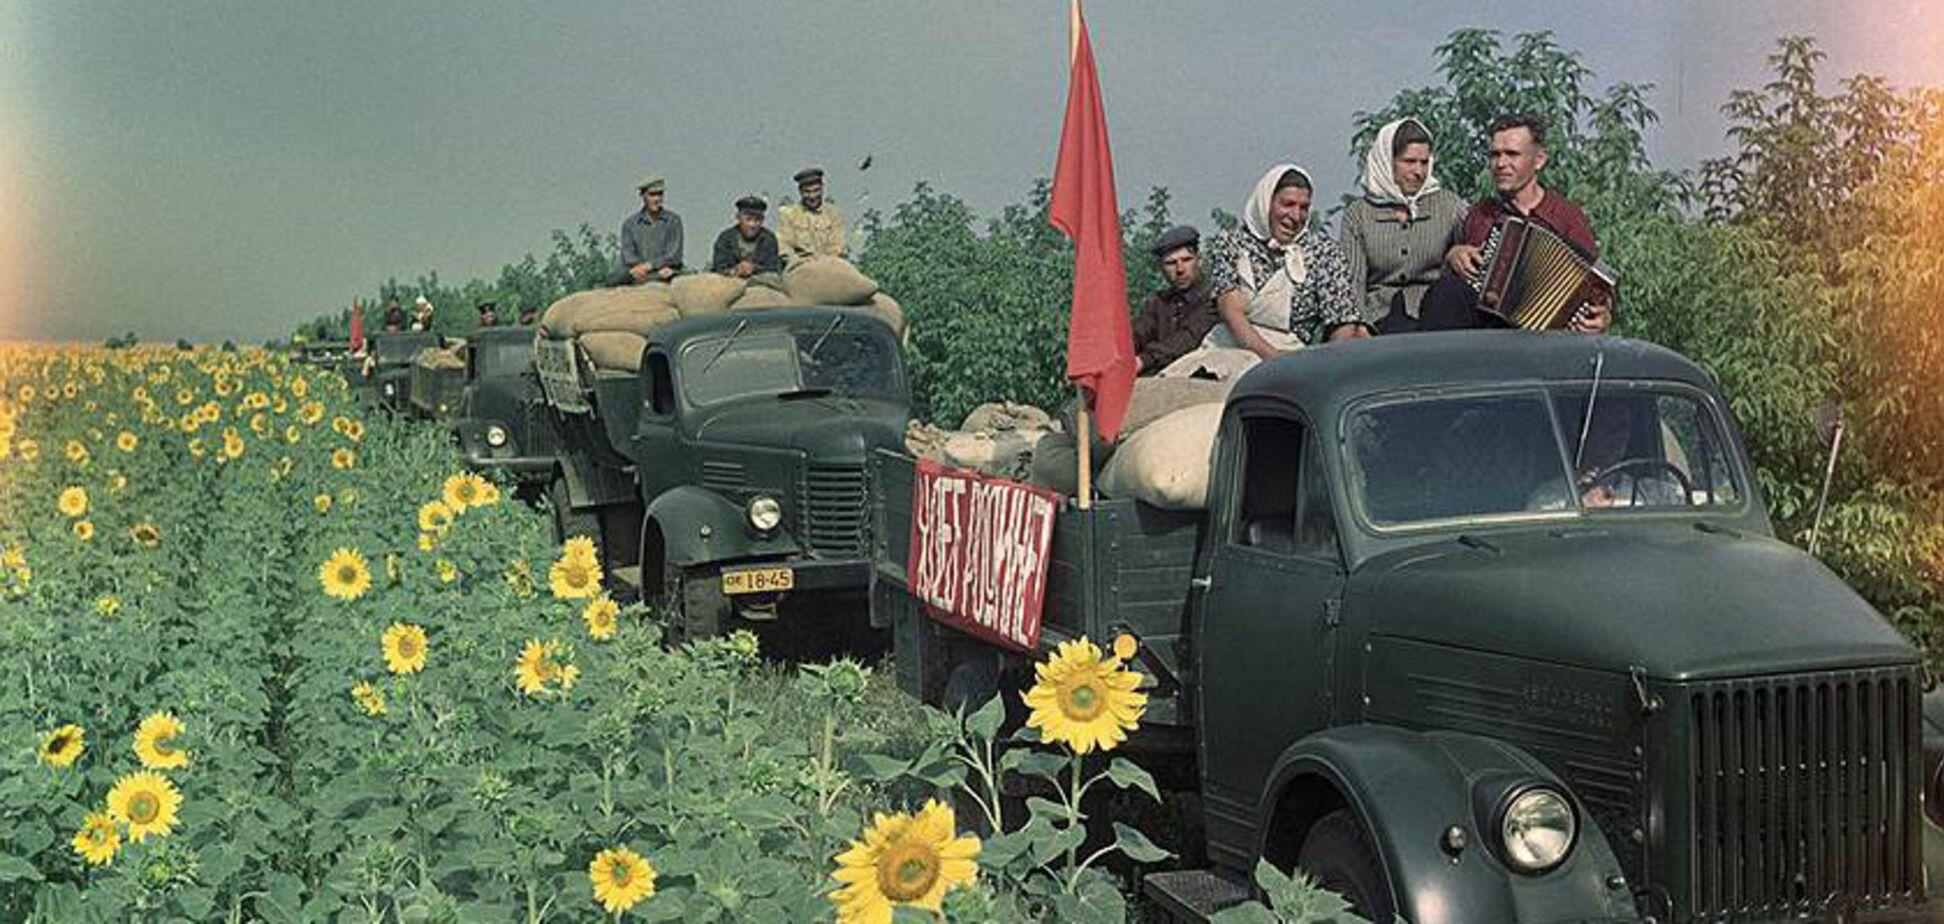 Постановочные фото 'счастливой советской жизни'